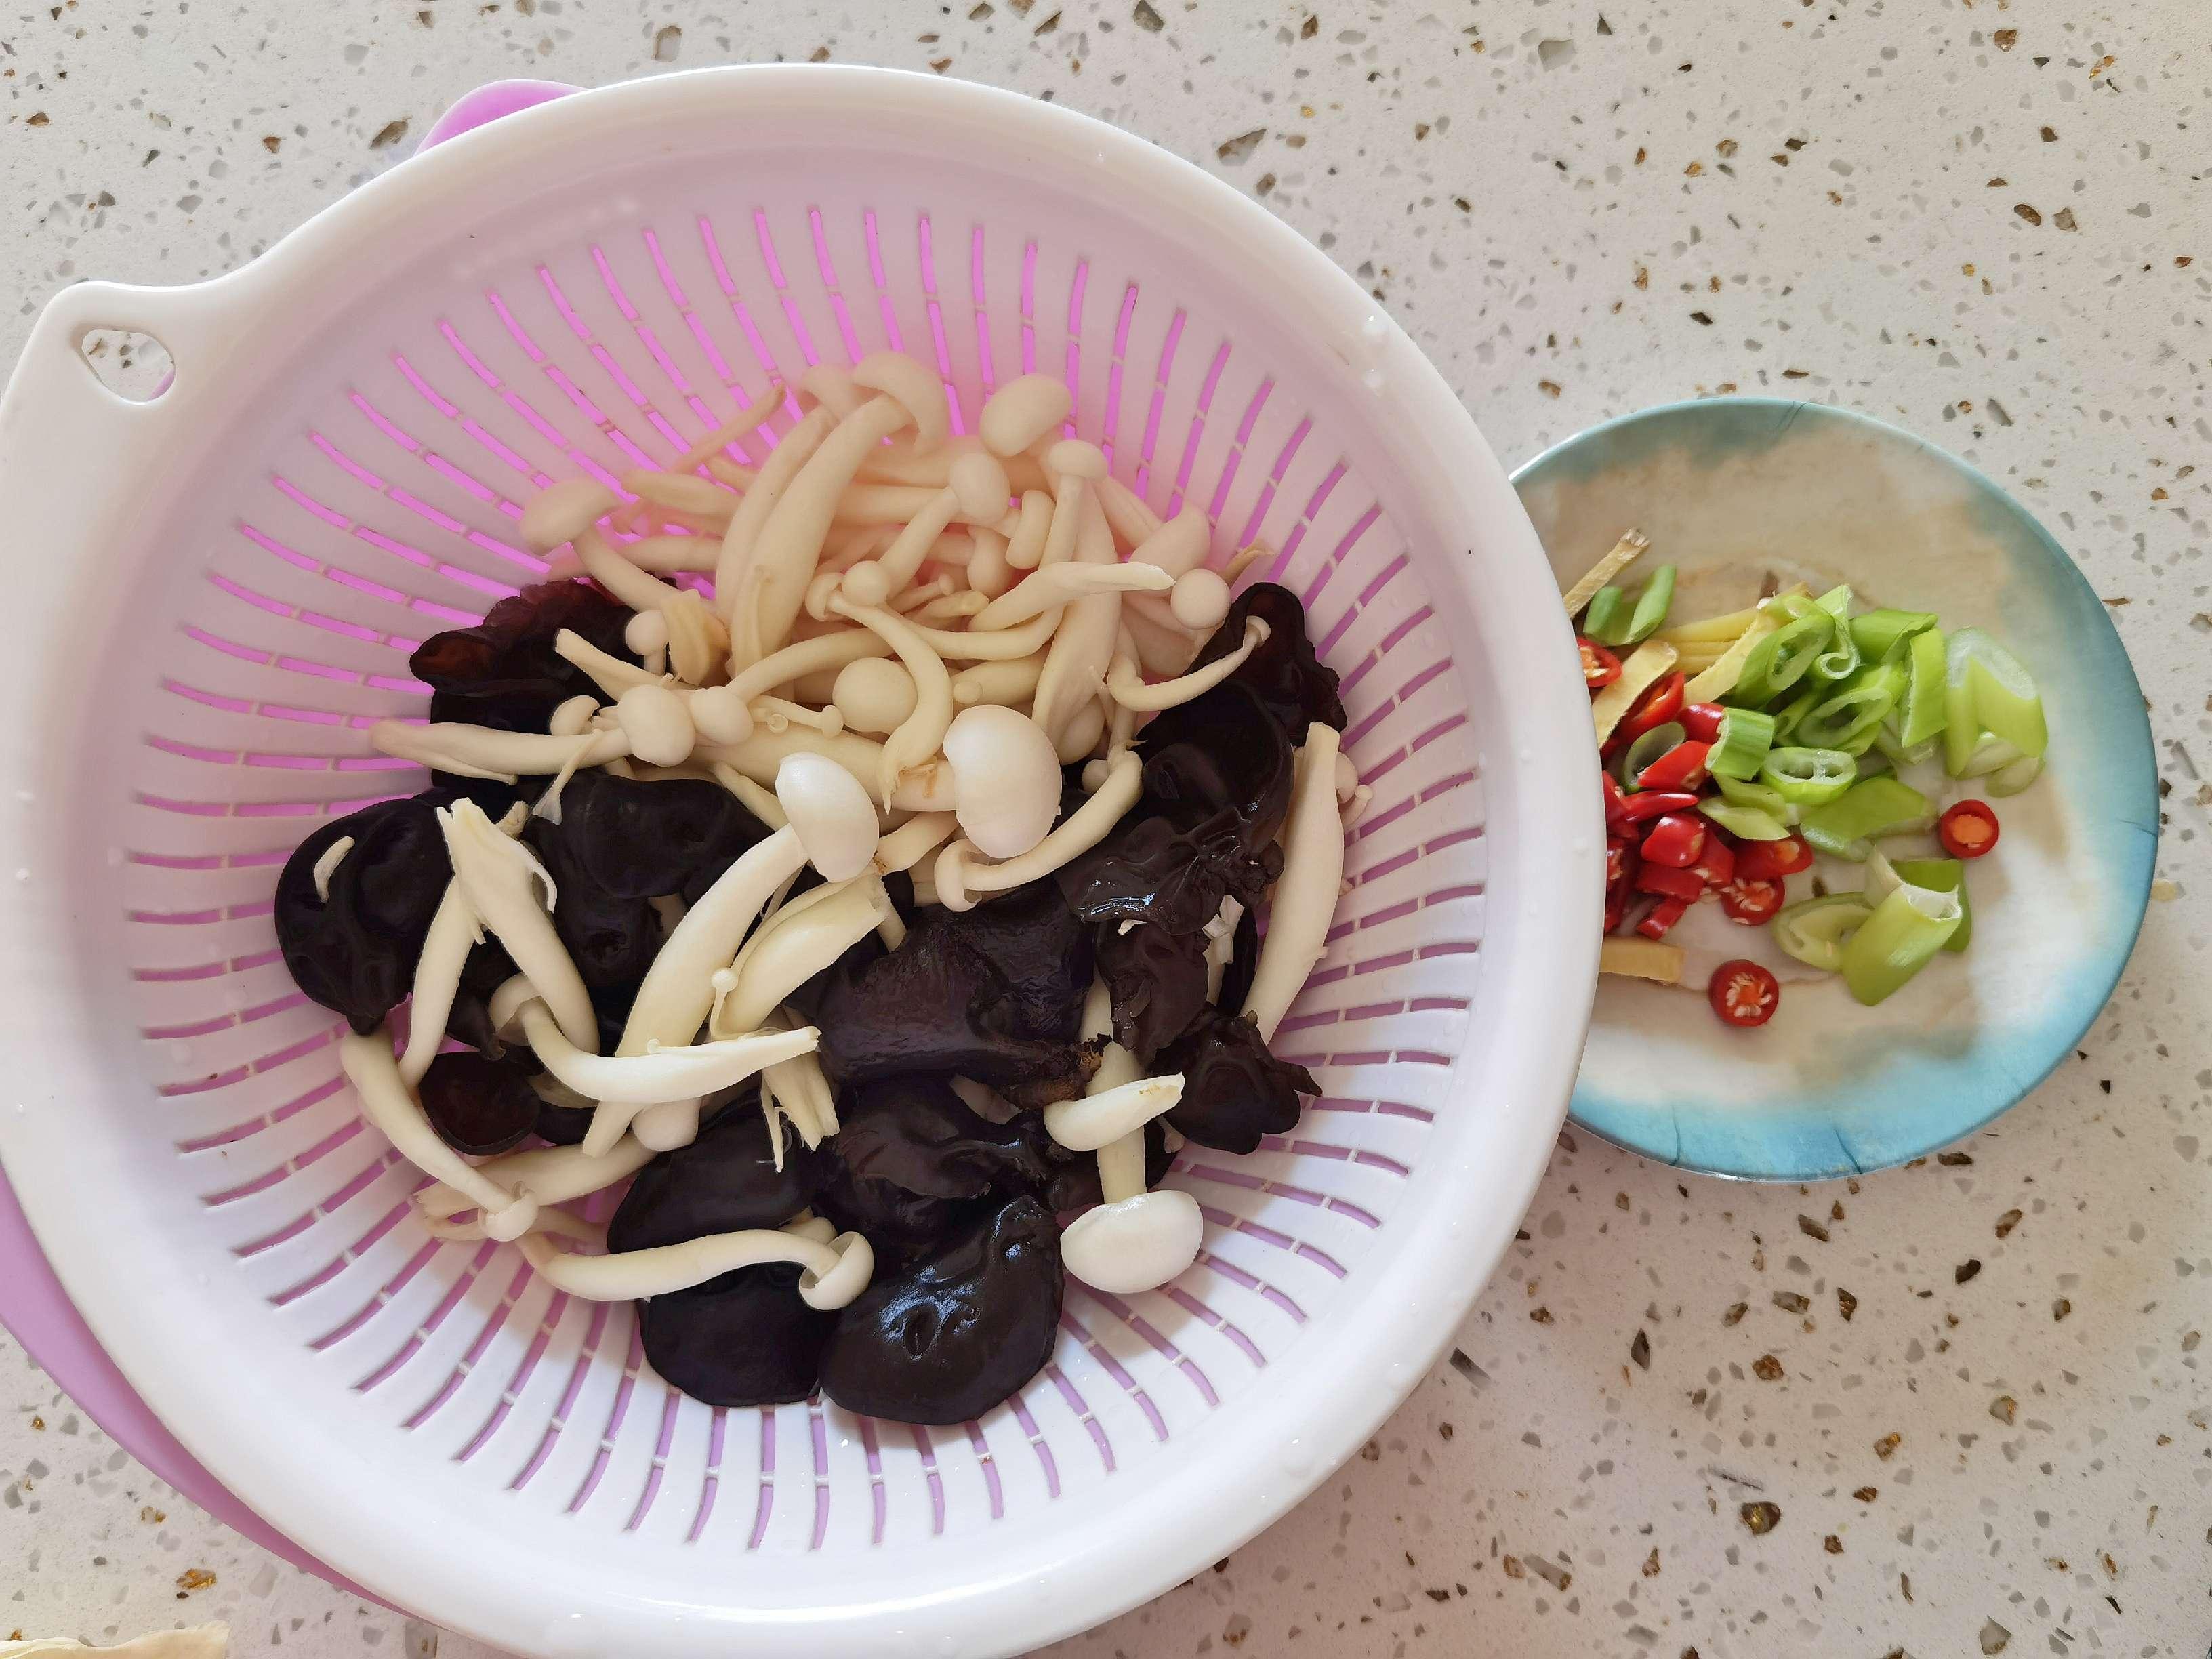 白玉菇加上木耳鸡蛋,这道好吃又好做的素菜我能吃两大碗米饭的做法大全